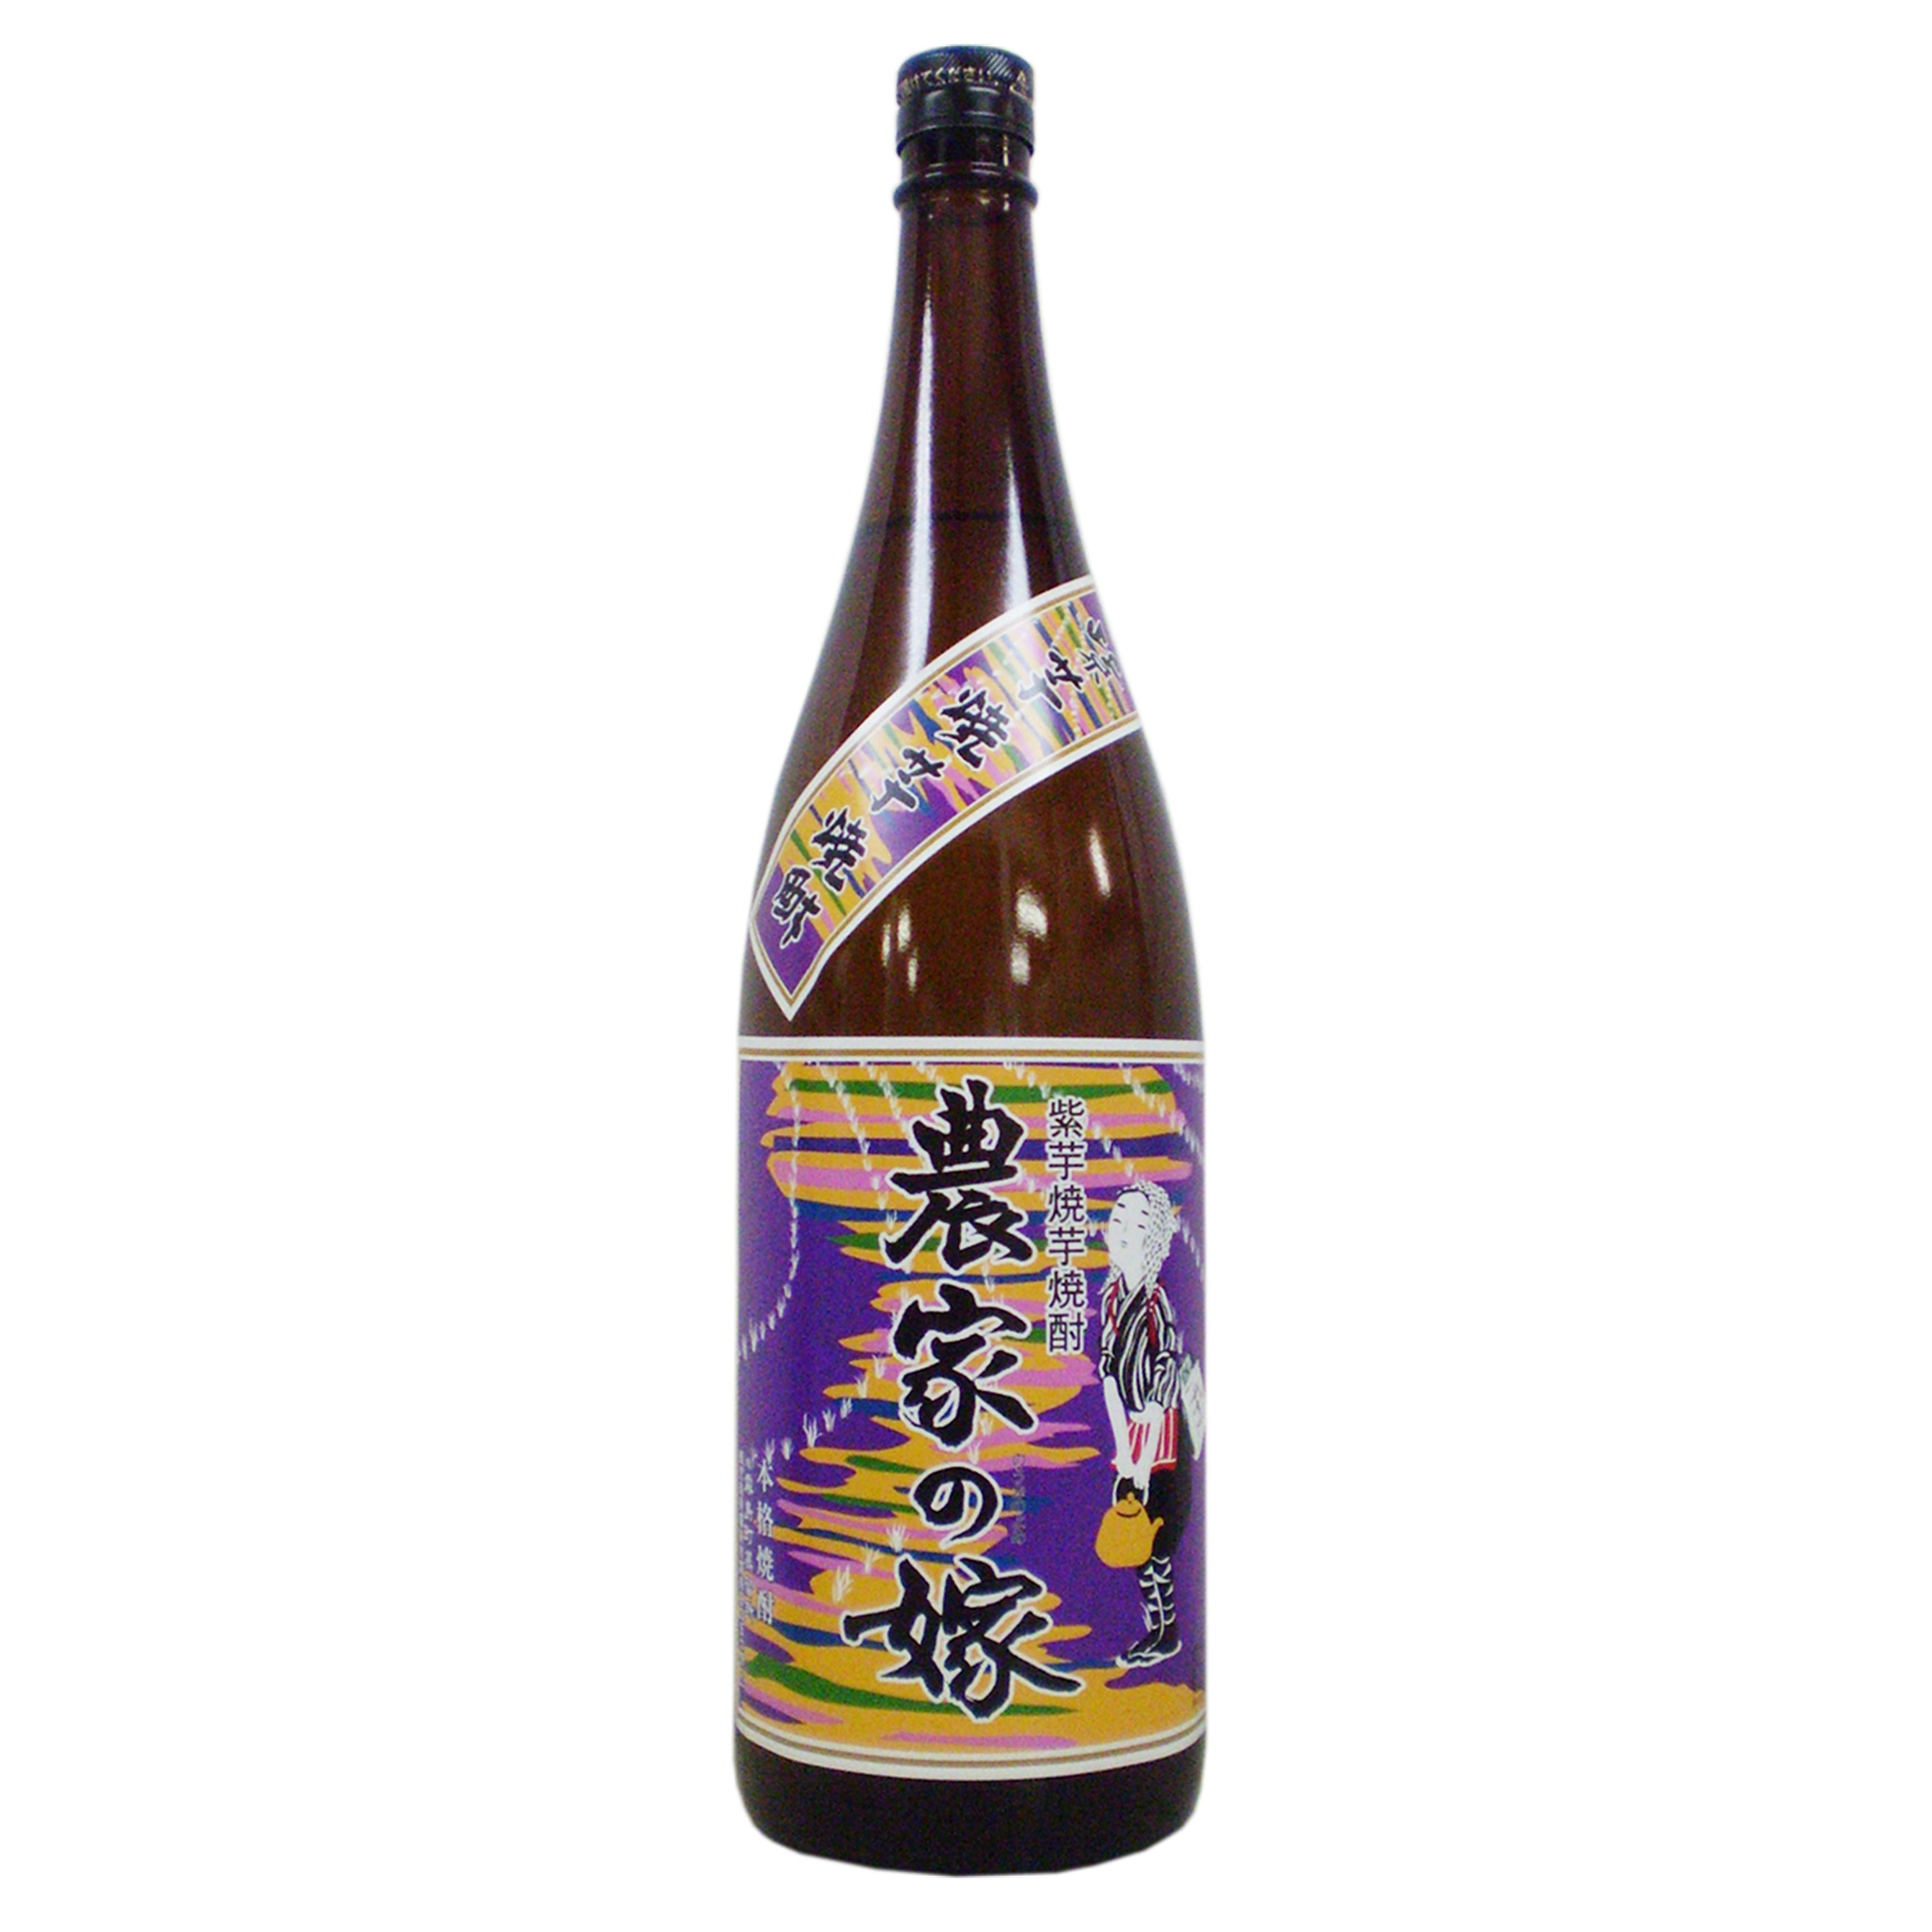 紫芋 焼き芋焼酎 農家の嫁